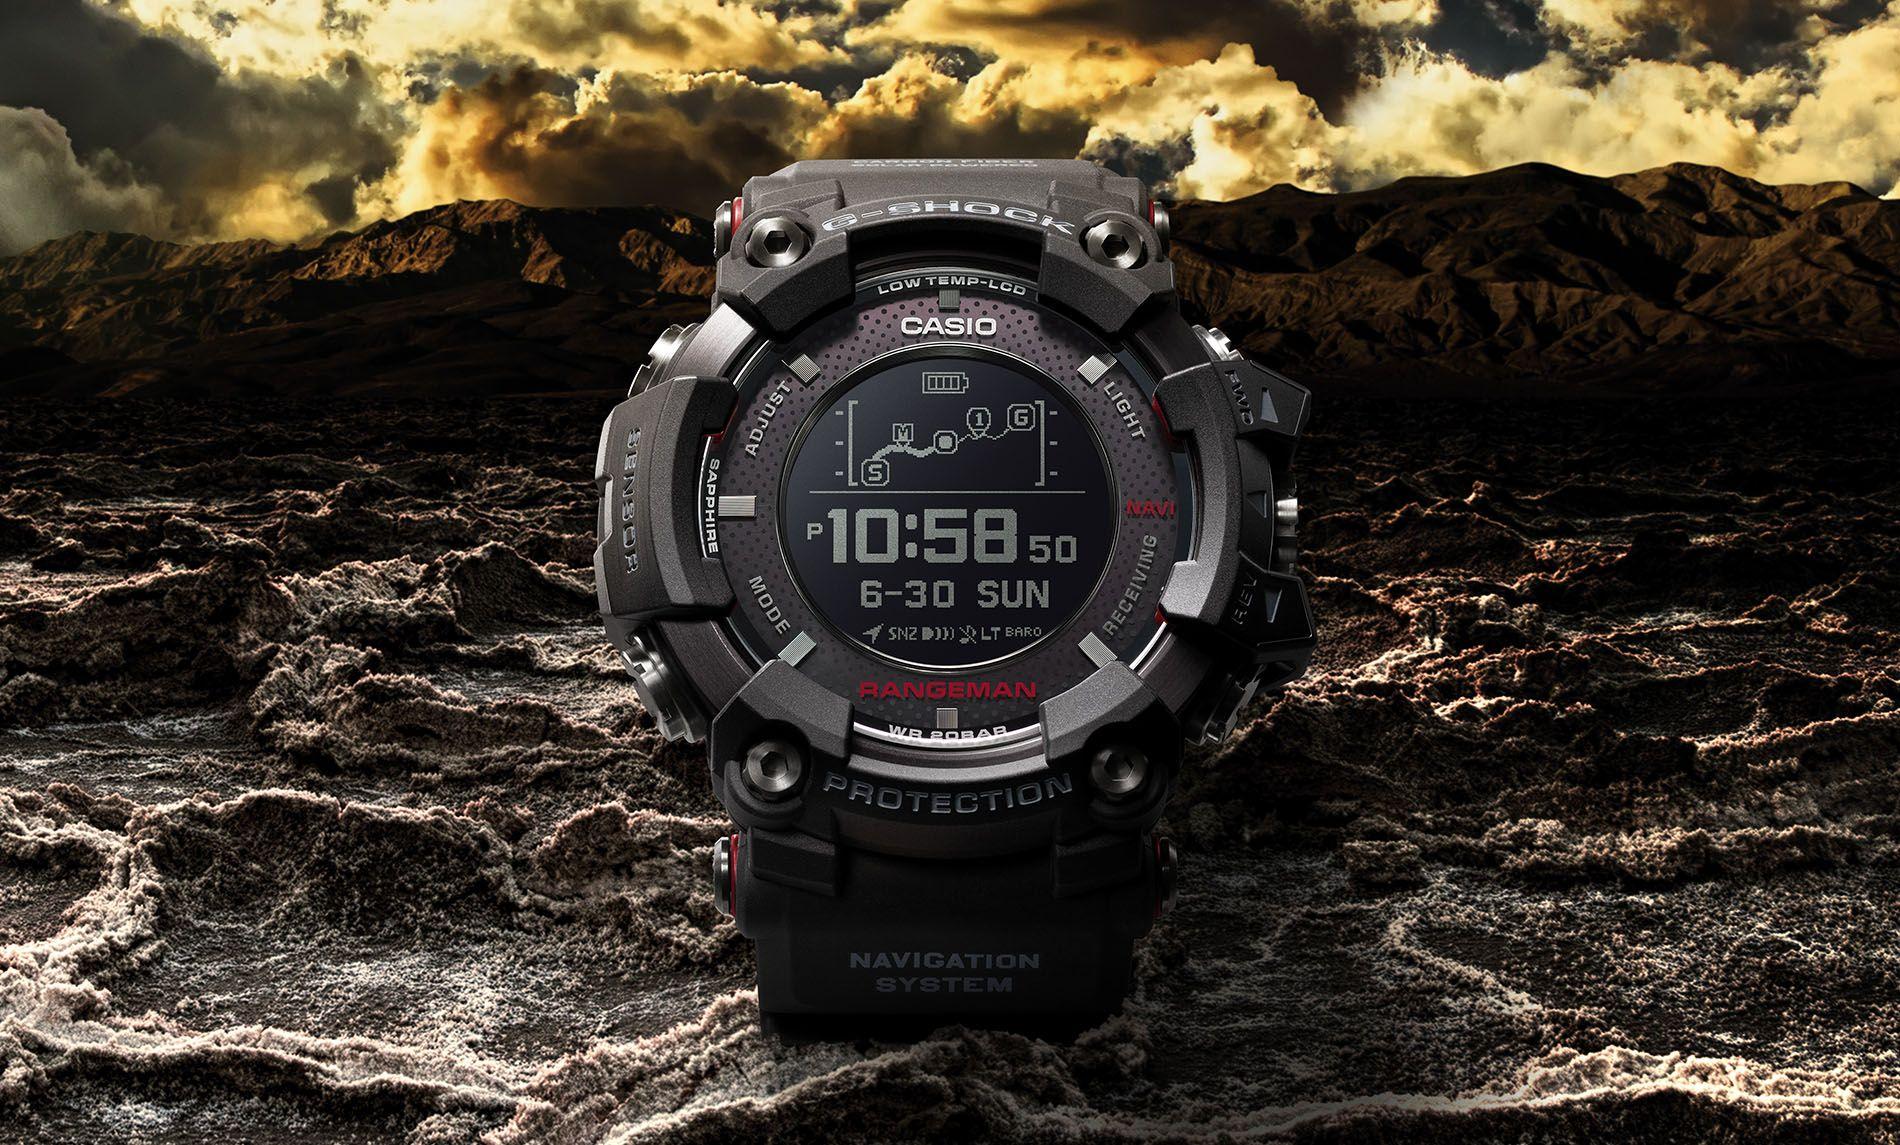 5ef8c08675c4ad G-Shock Watches by Casio - Mens Watches - Digital Watches | Casio ...